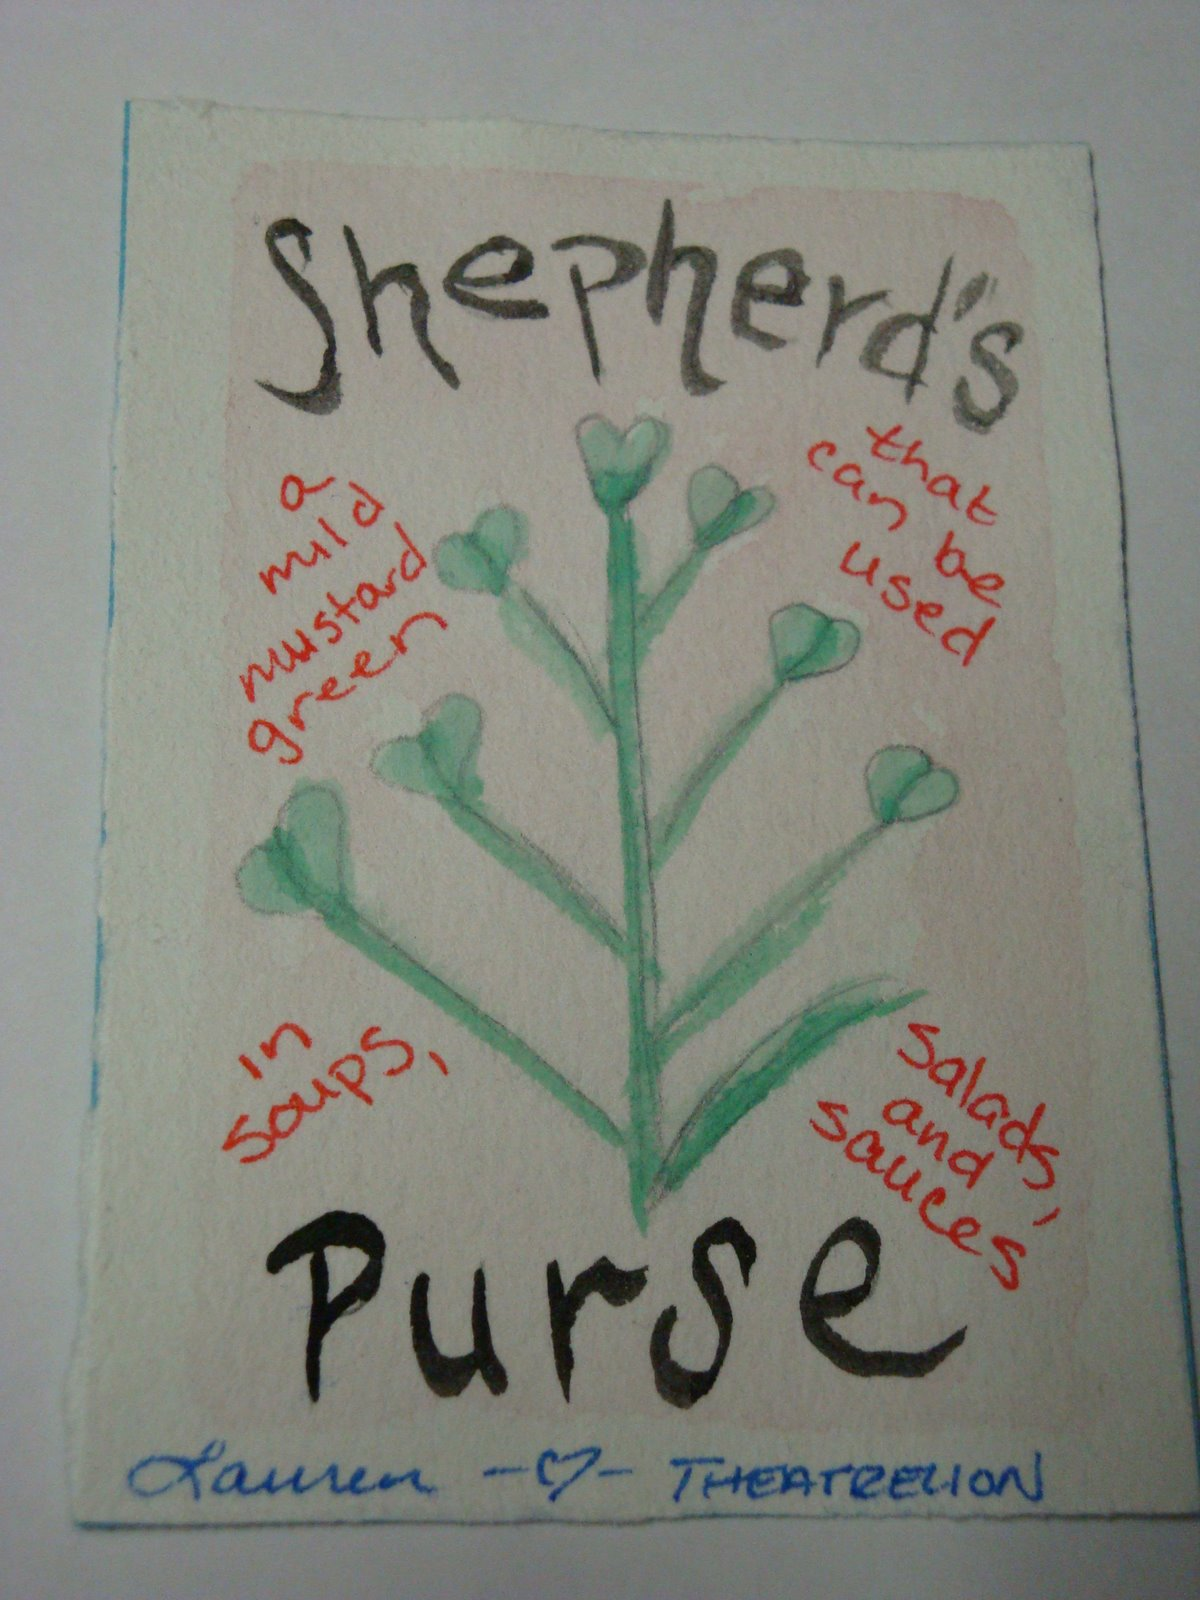 [shepherd]